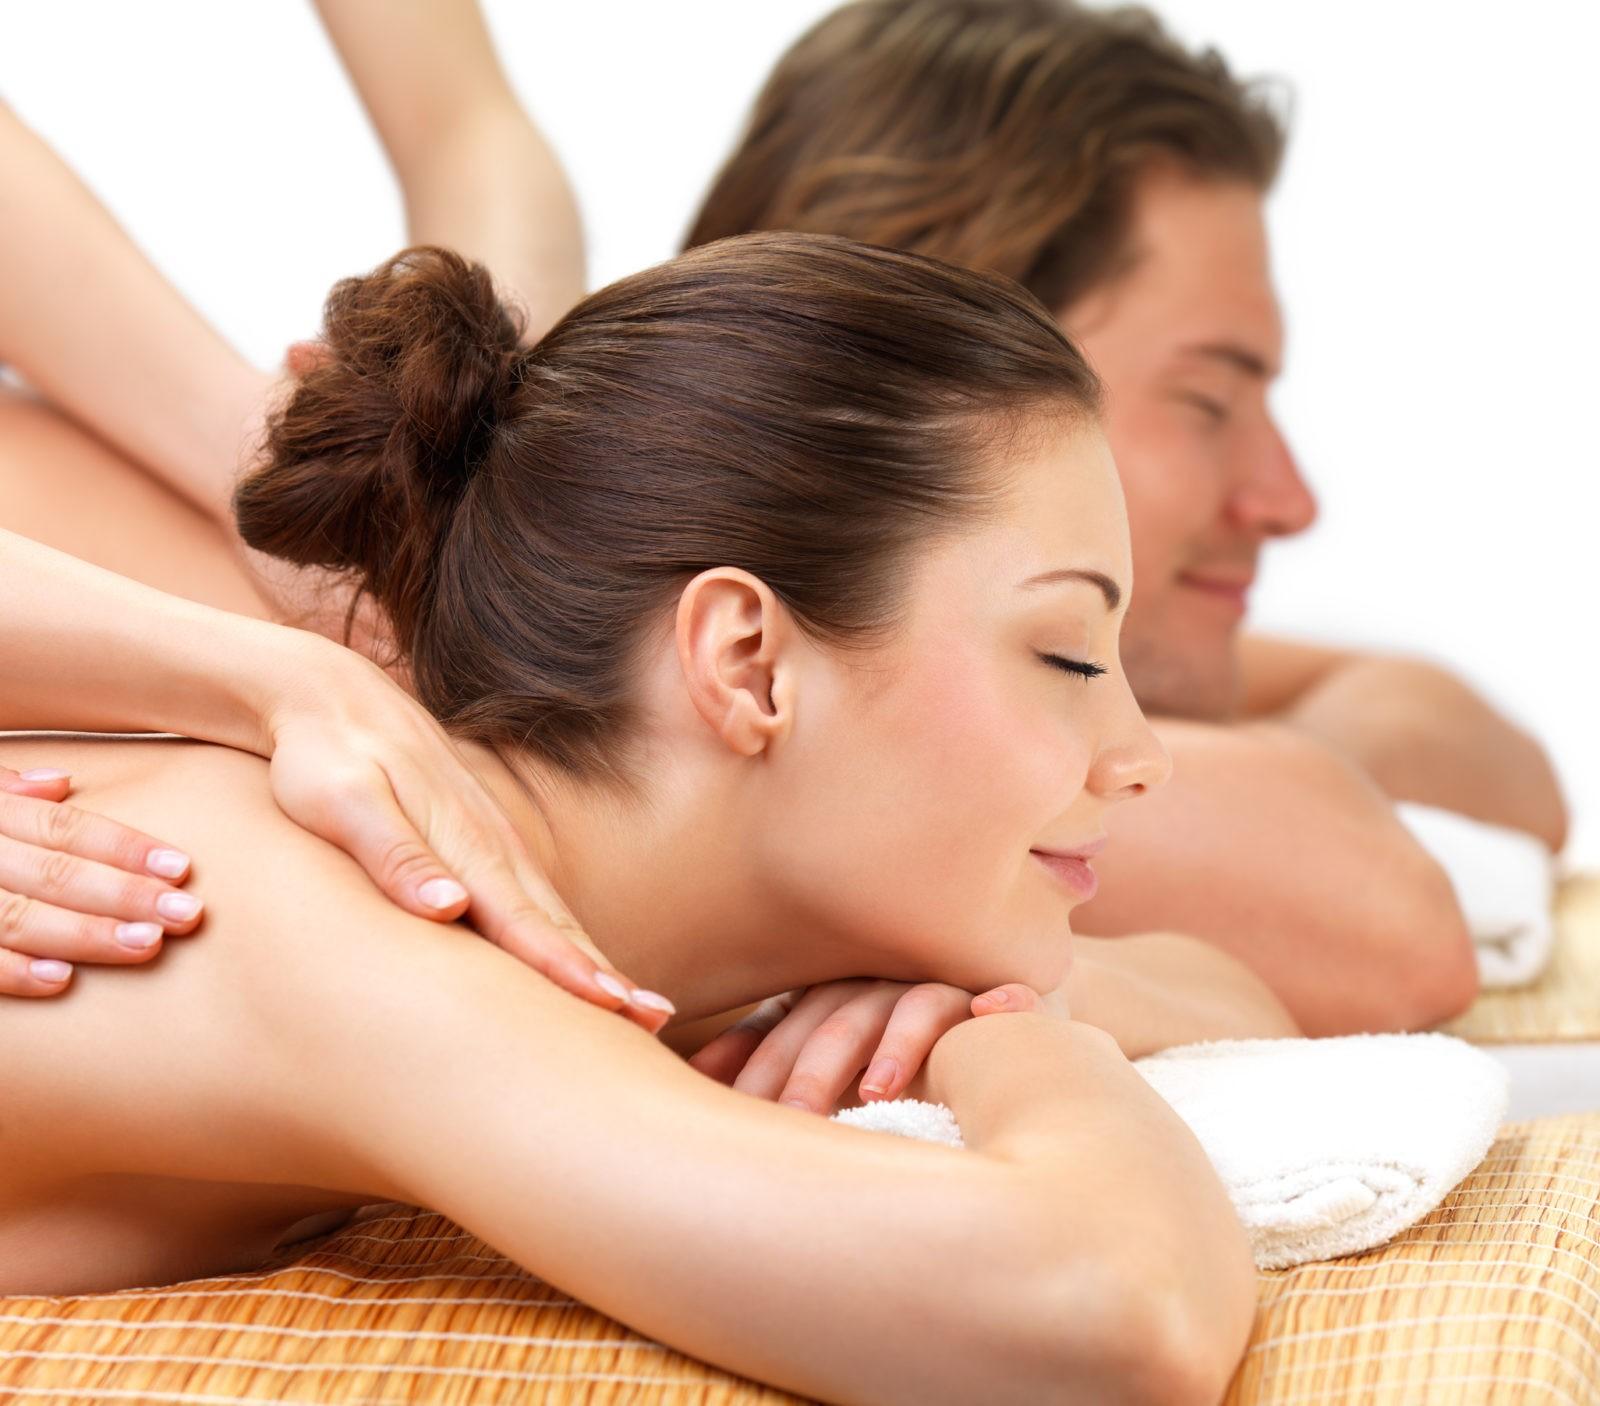 Обычный массаж для мужчин и женщин